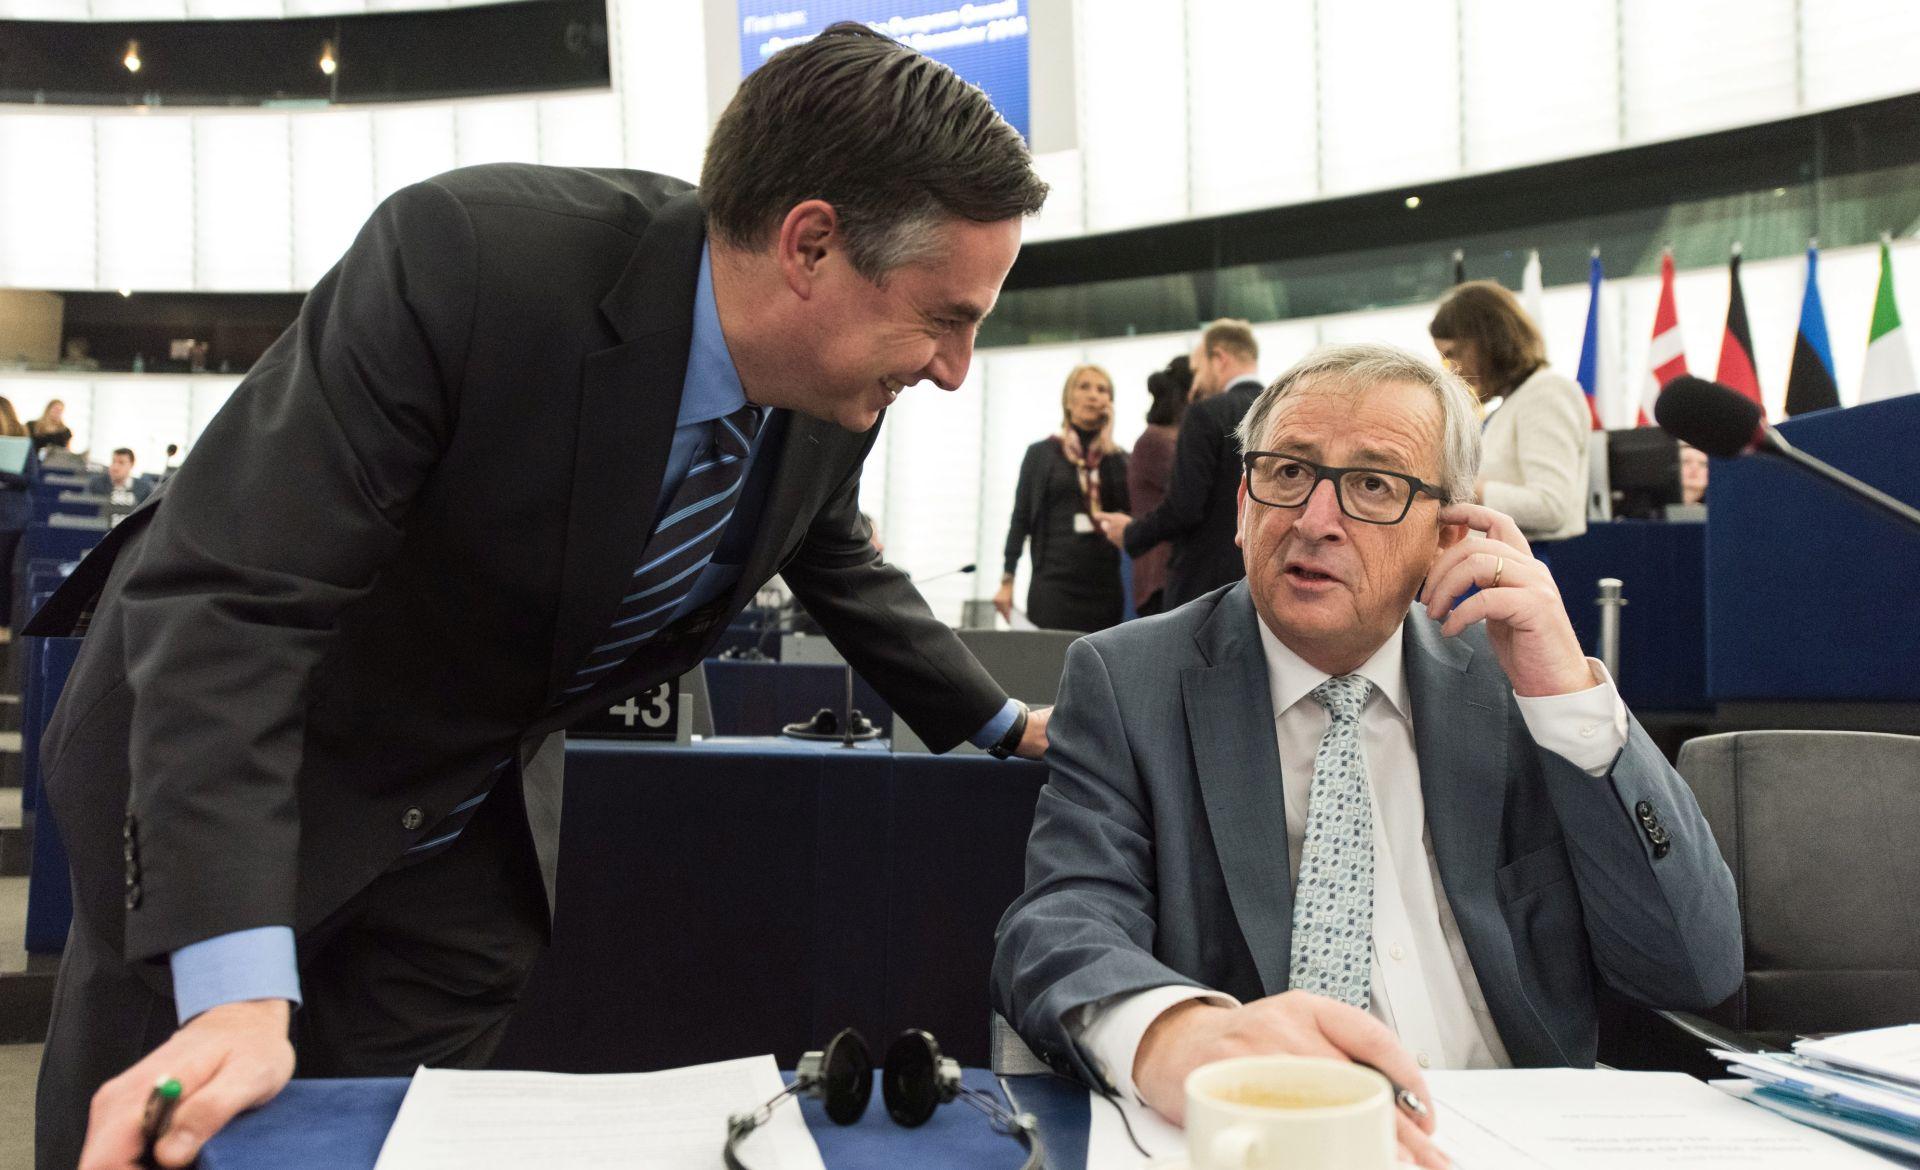 SUMMIT EU: Britansko pitanje i zaštita vanjskih granica glavne teme